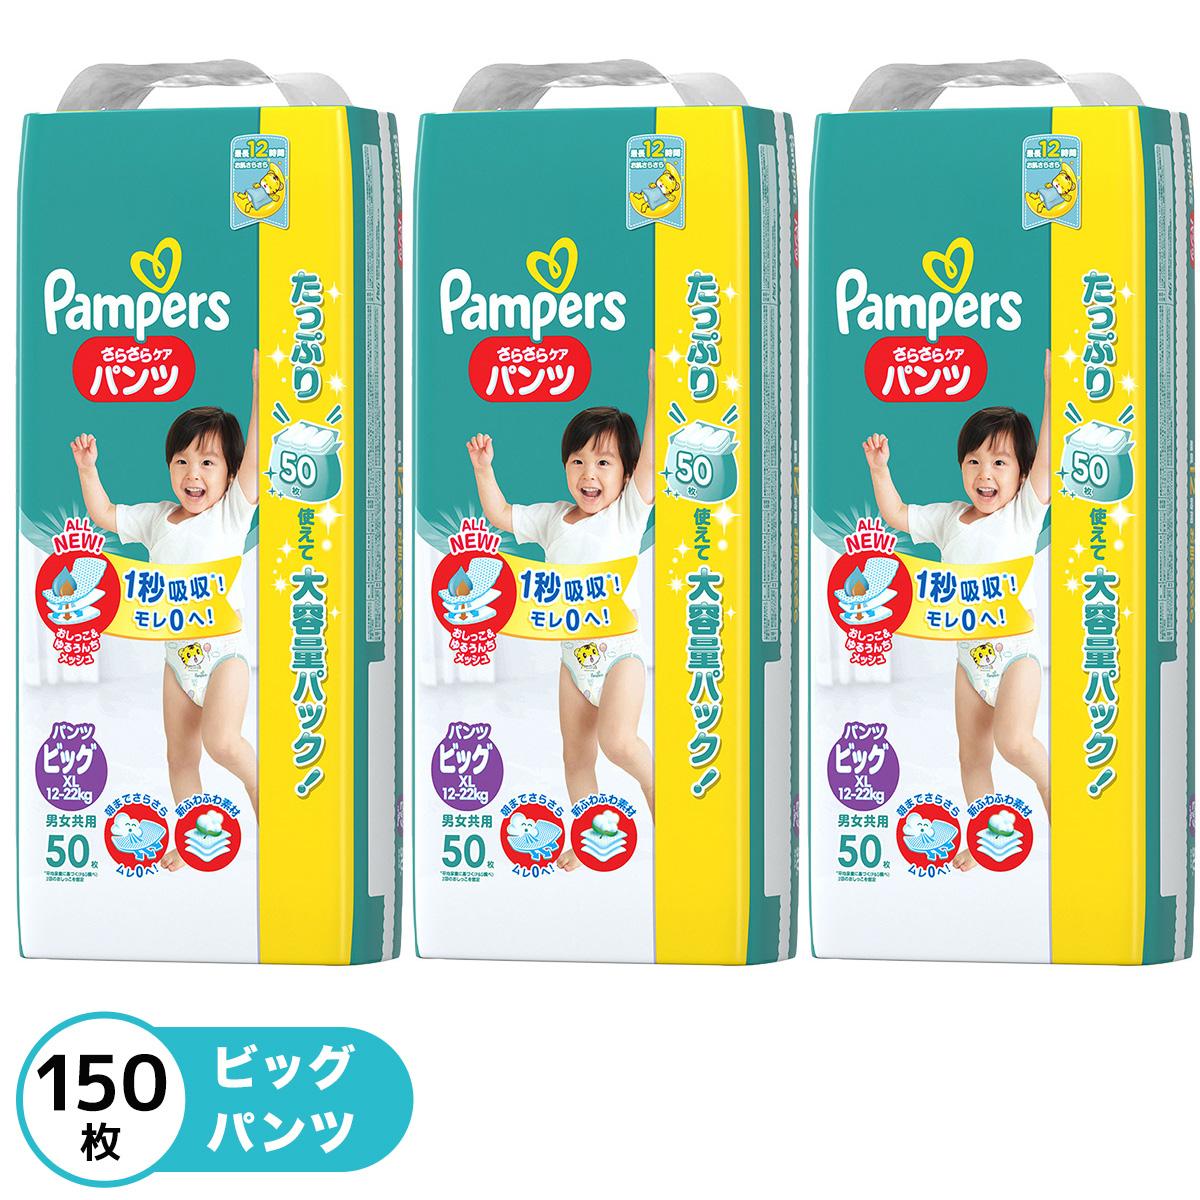 売り出し 紙おむつ 最新 パンパース ビッグ パンツ 送料無料 期間限定 PG さらさらケア 12-22kg 50枚×3パック おむつ エントリーでP5倍